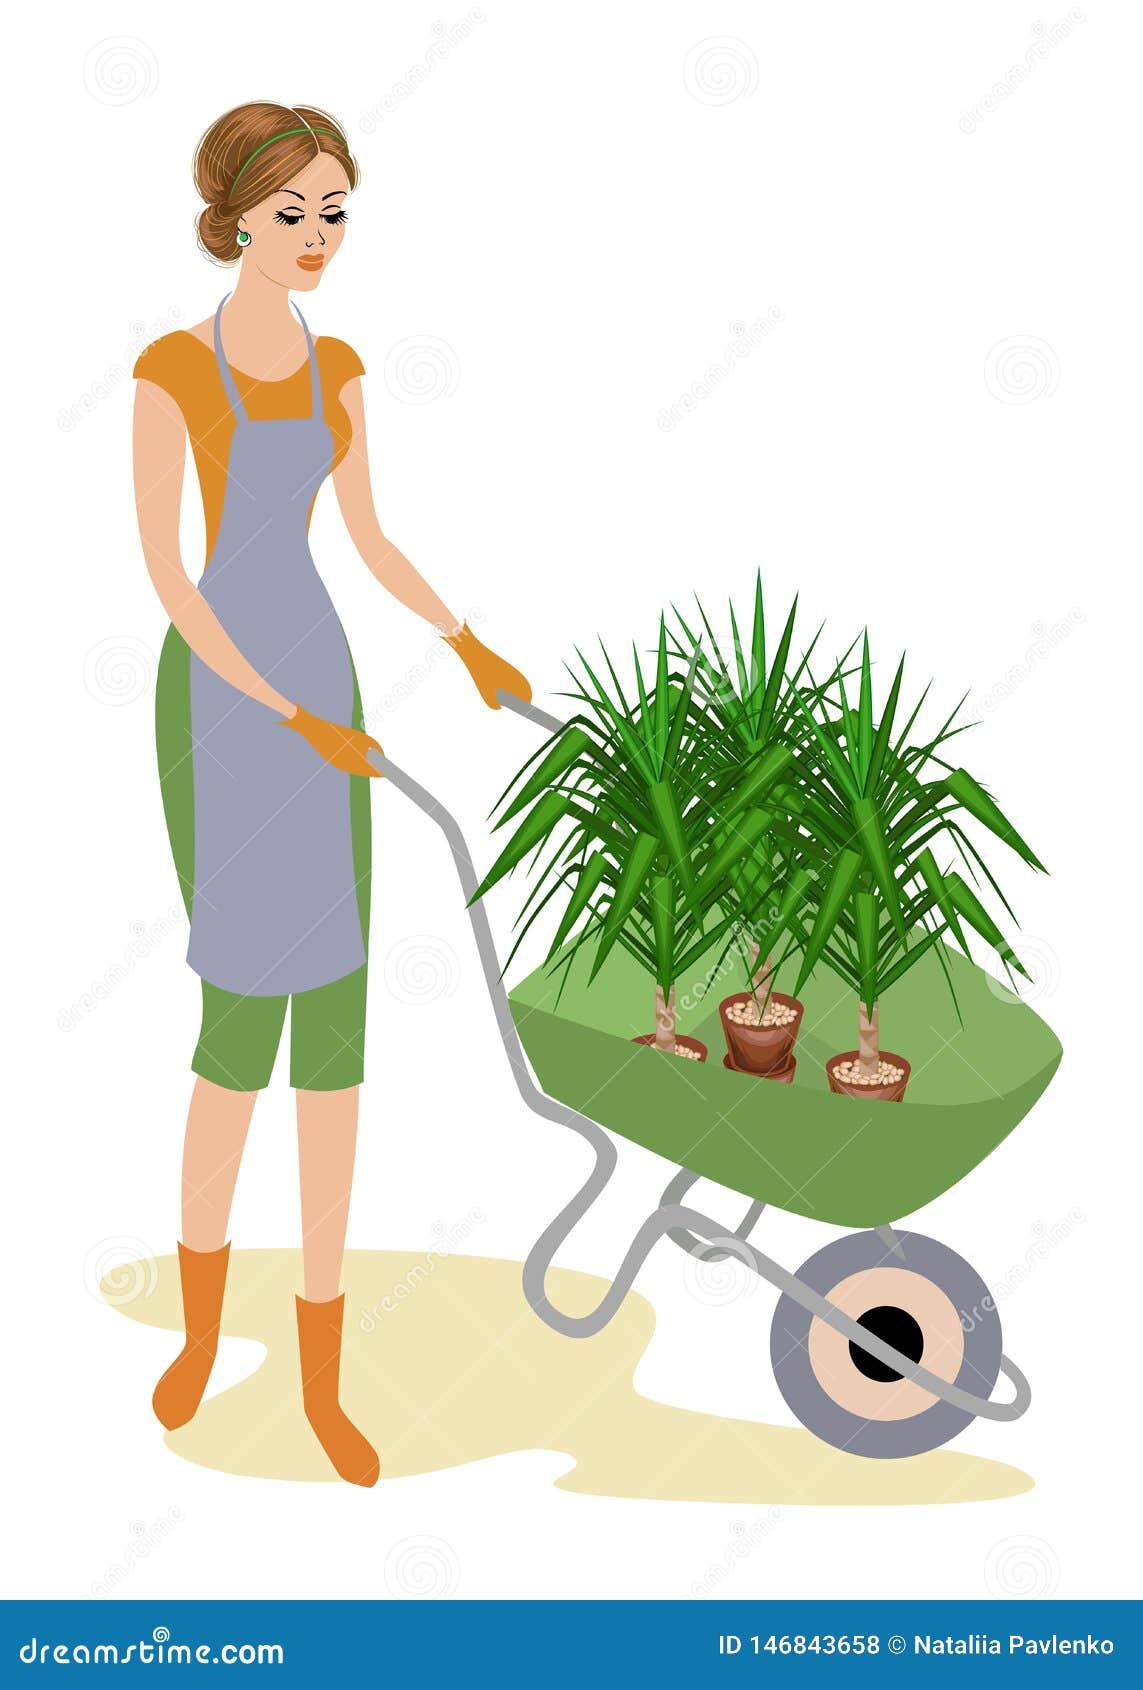 Una se?ora agradable en ropa de trabajo La muchacha está llevando una carretilla del jardín con las macetas con una planta de la